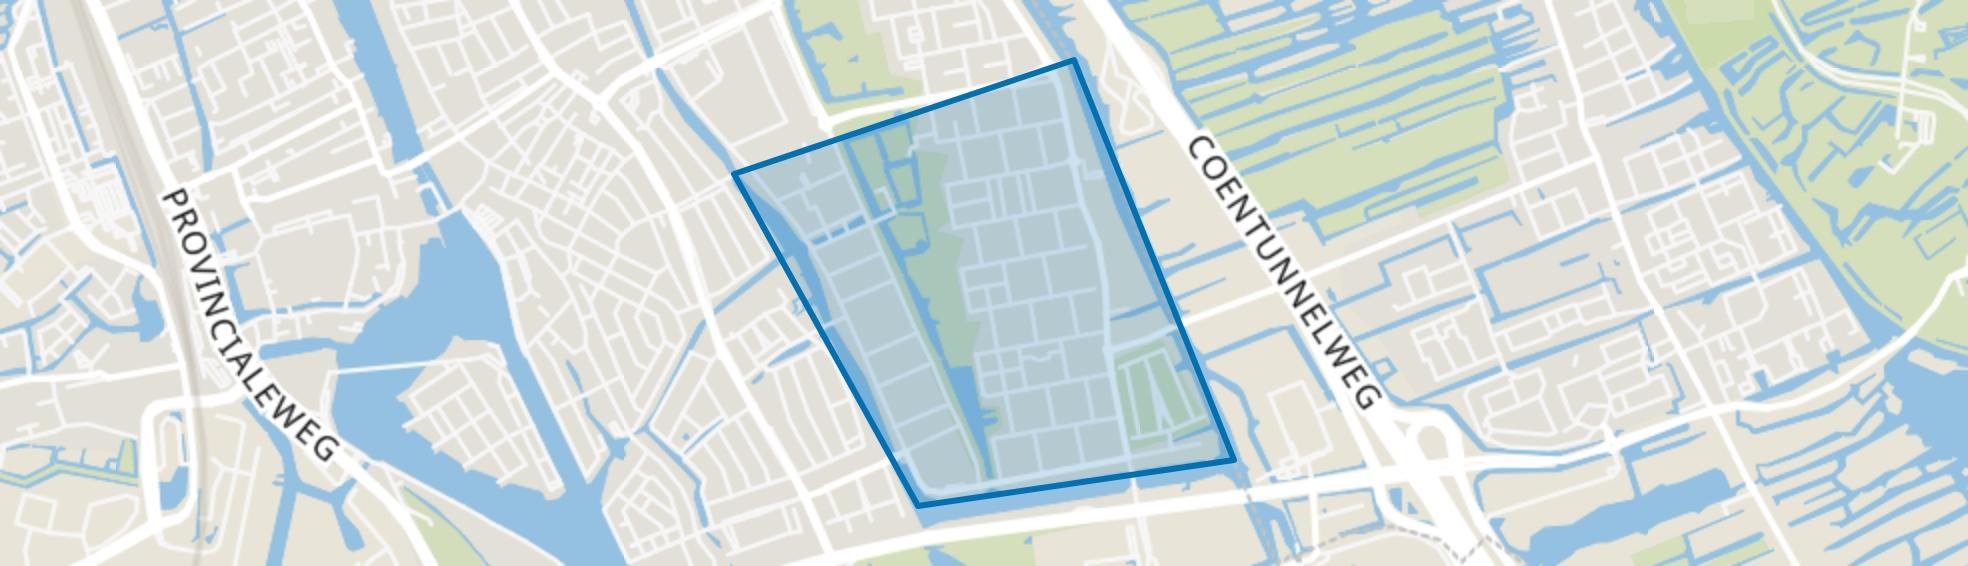 Poelenburg, Zaandam map